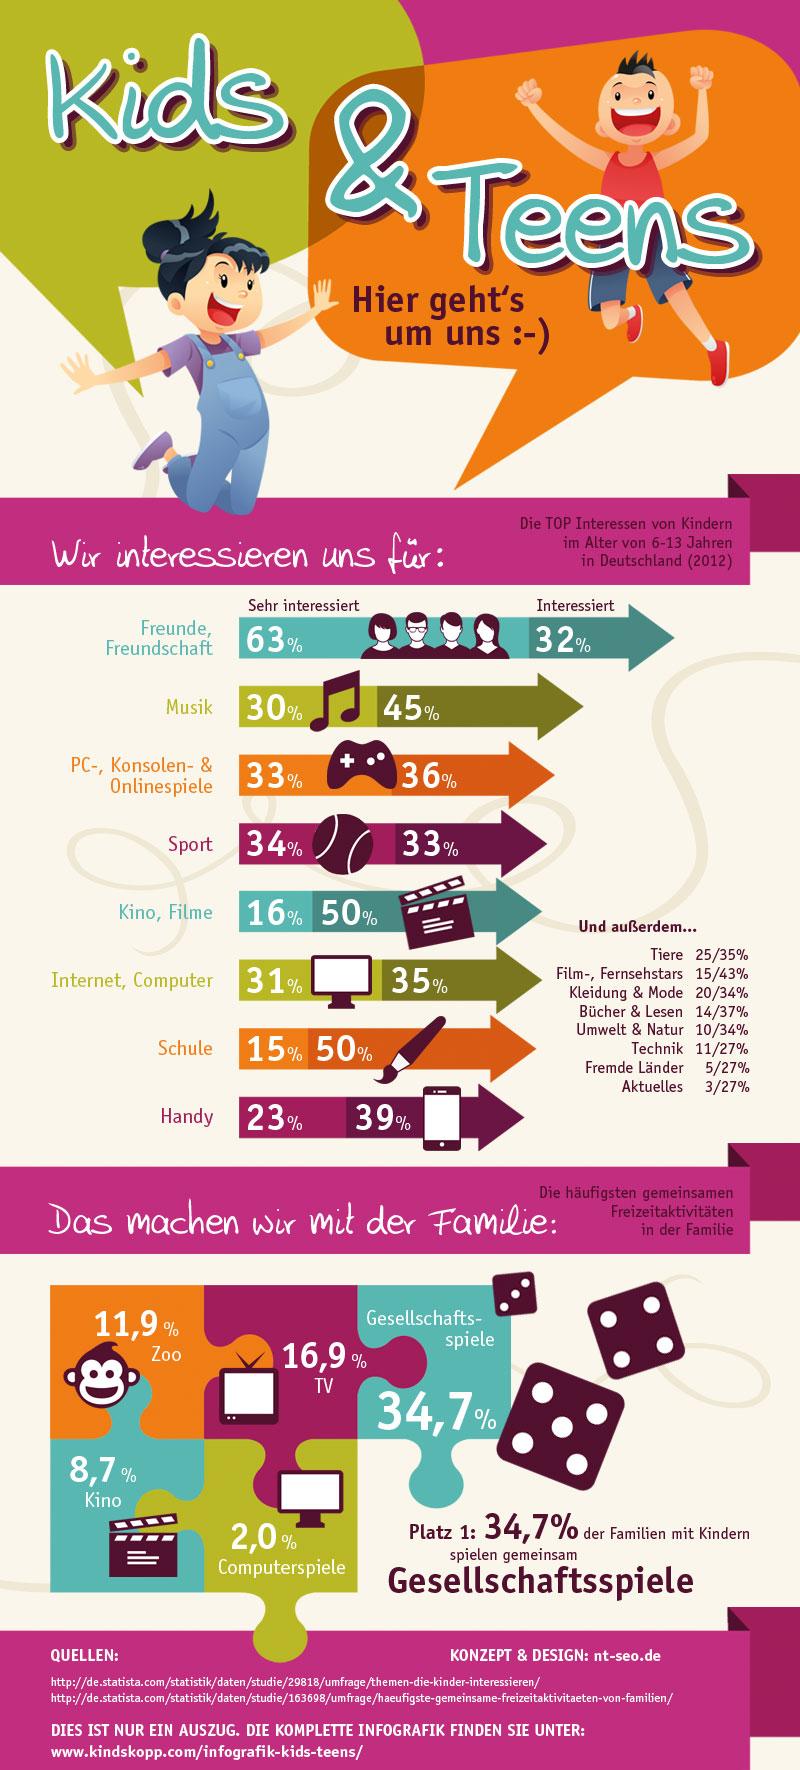 Die komplette Infografik finden Sie aufwww.kindskopp.com